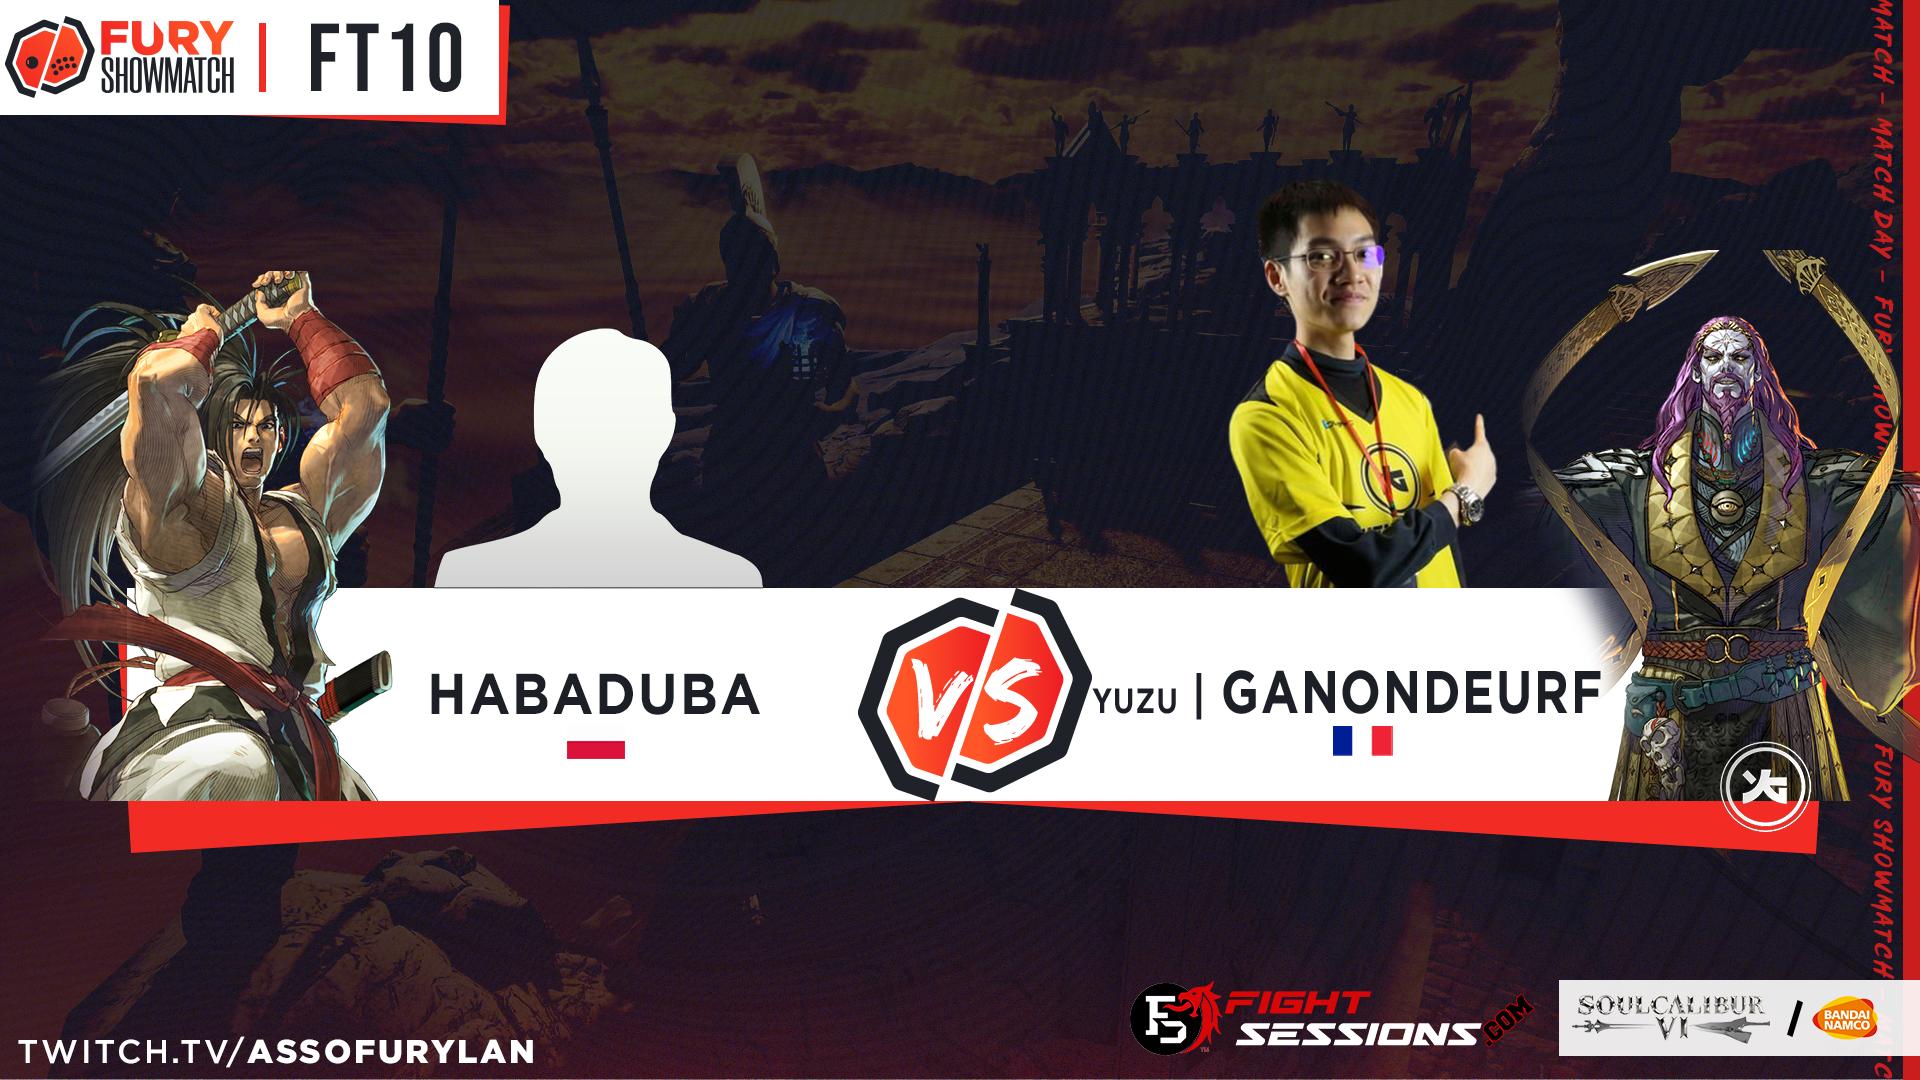 FT10 - habaduba vs ganondeurf